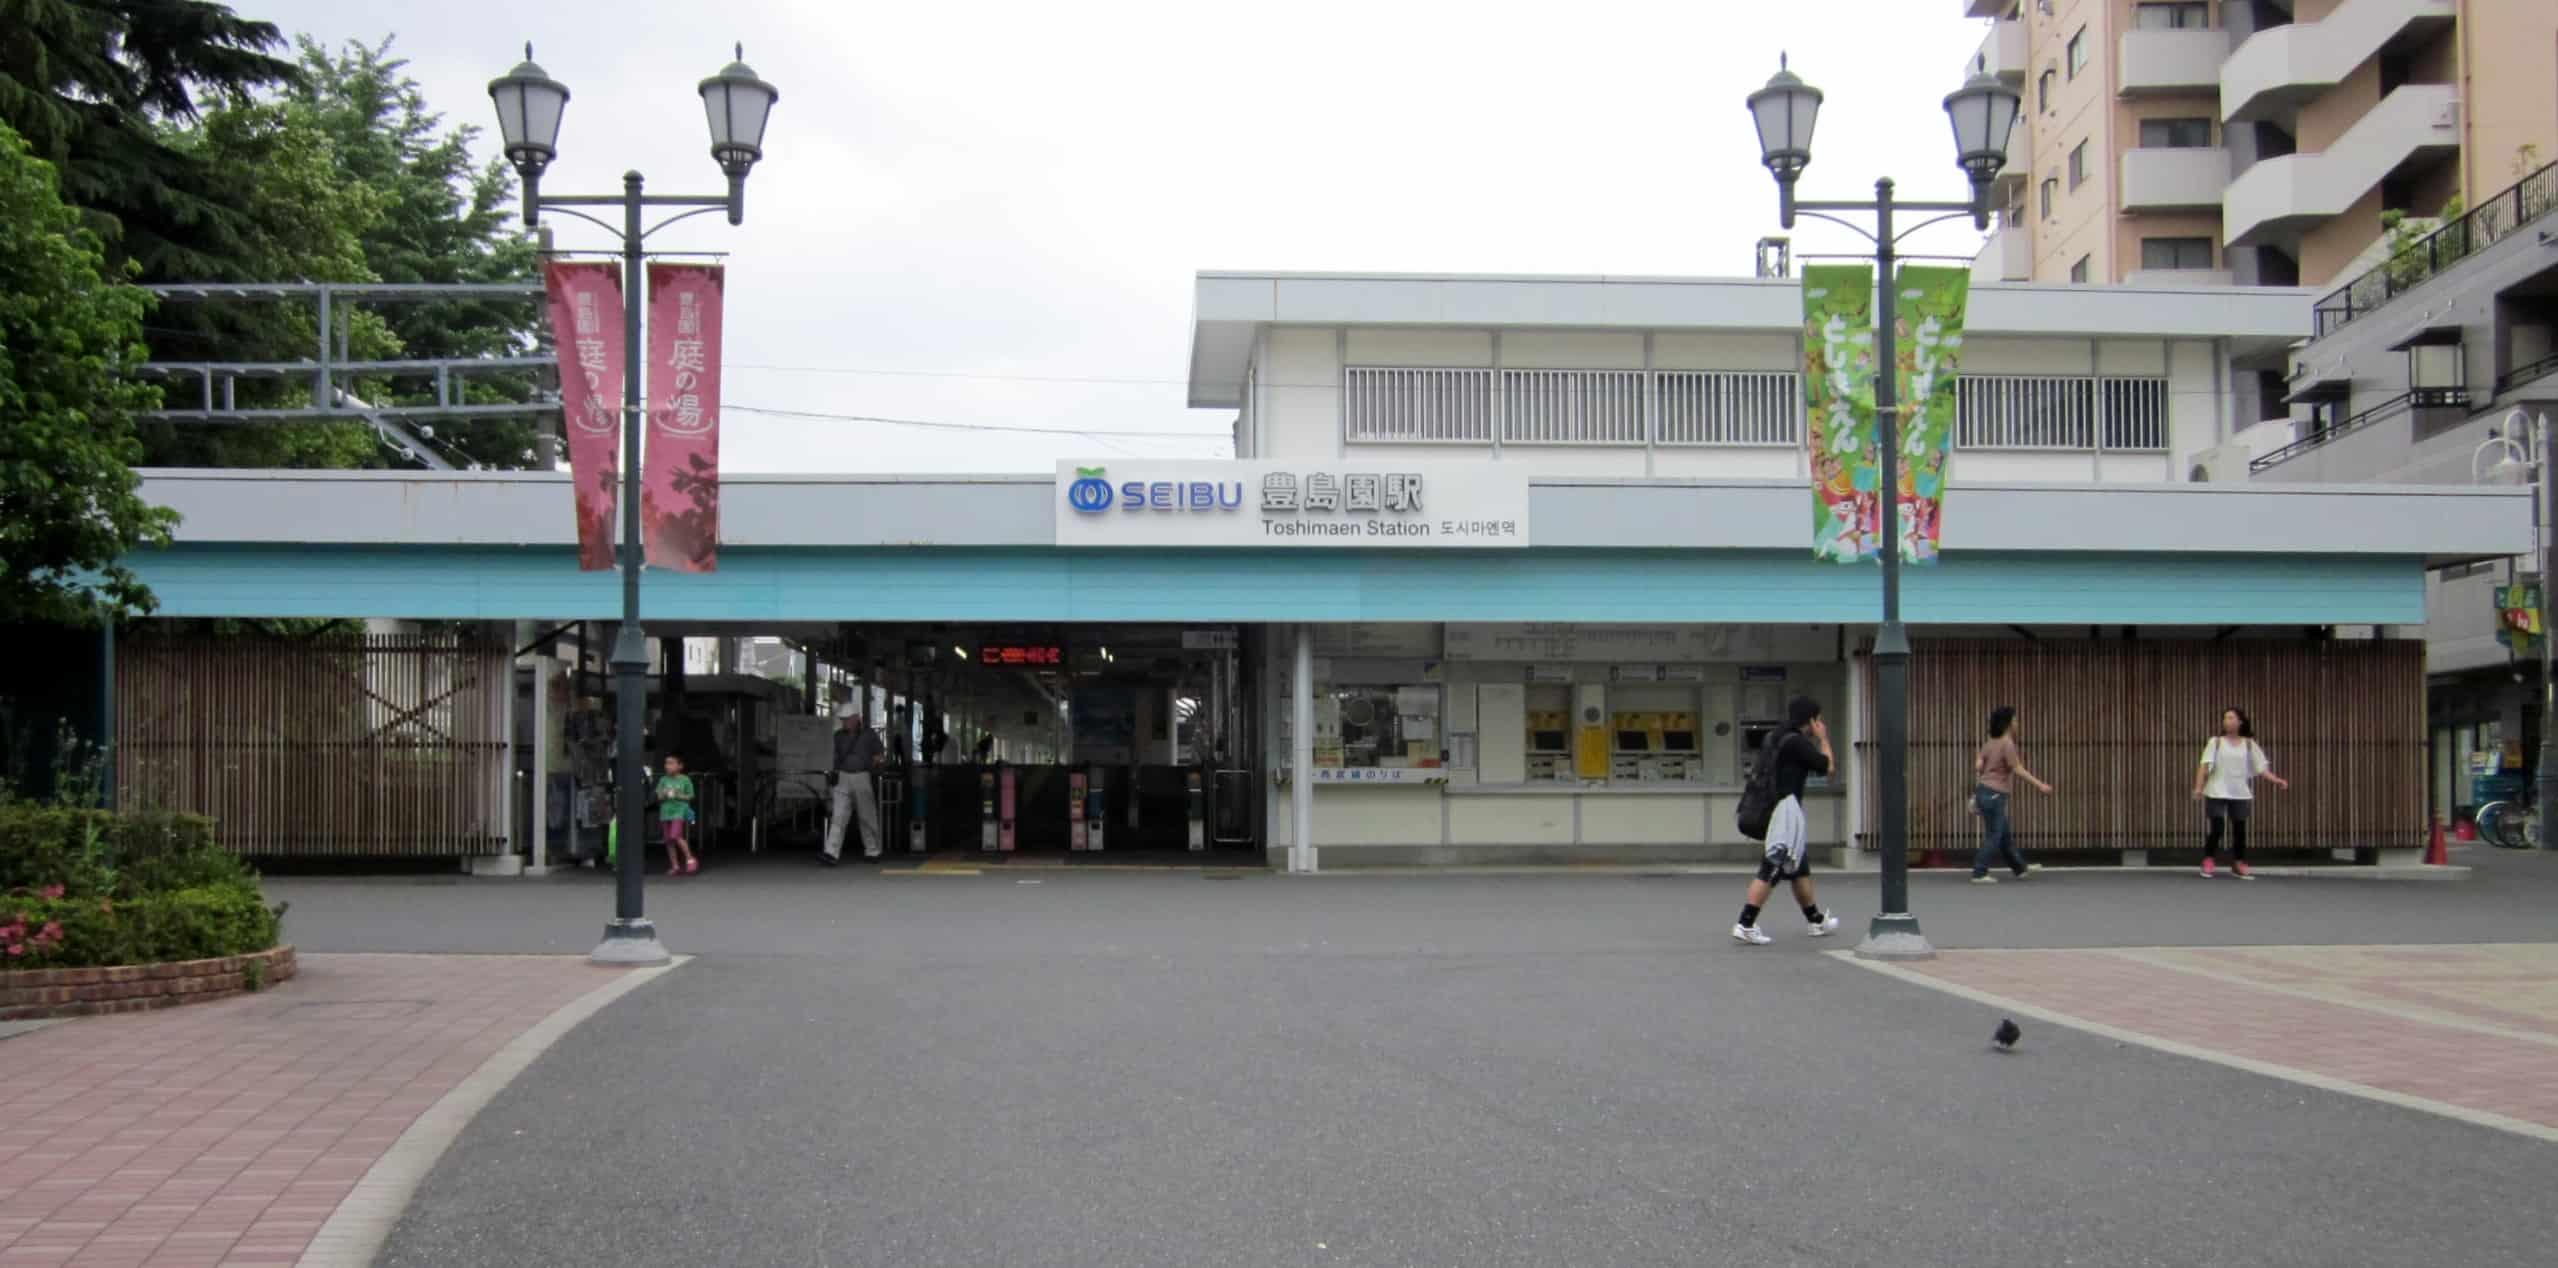 ด้านหน้าสถานีโทชิมะเอ็น (Toshimaen Station) สายเซบุ